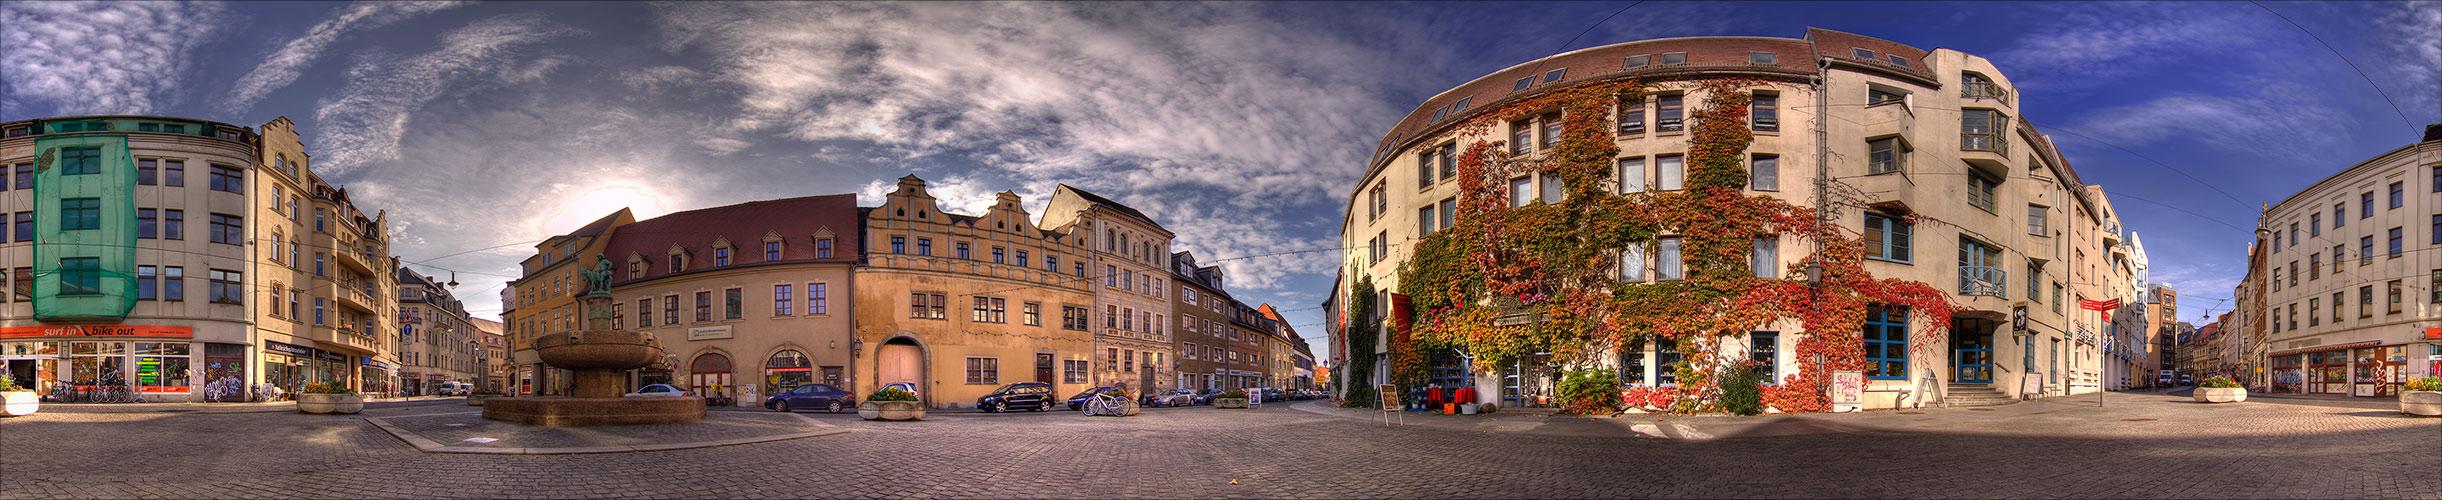 alter Markt